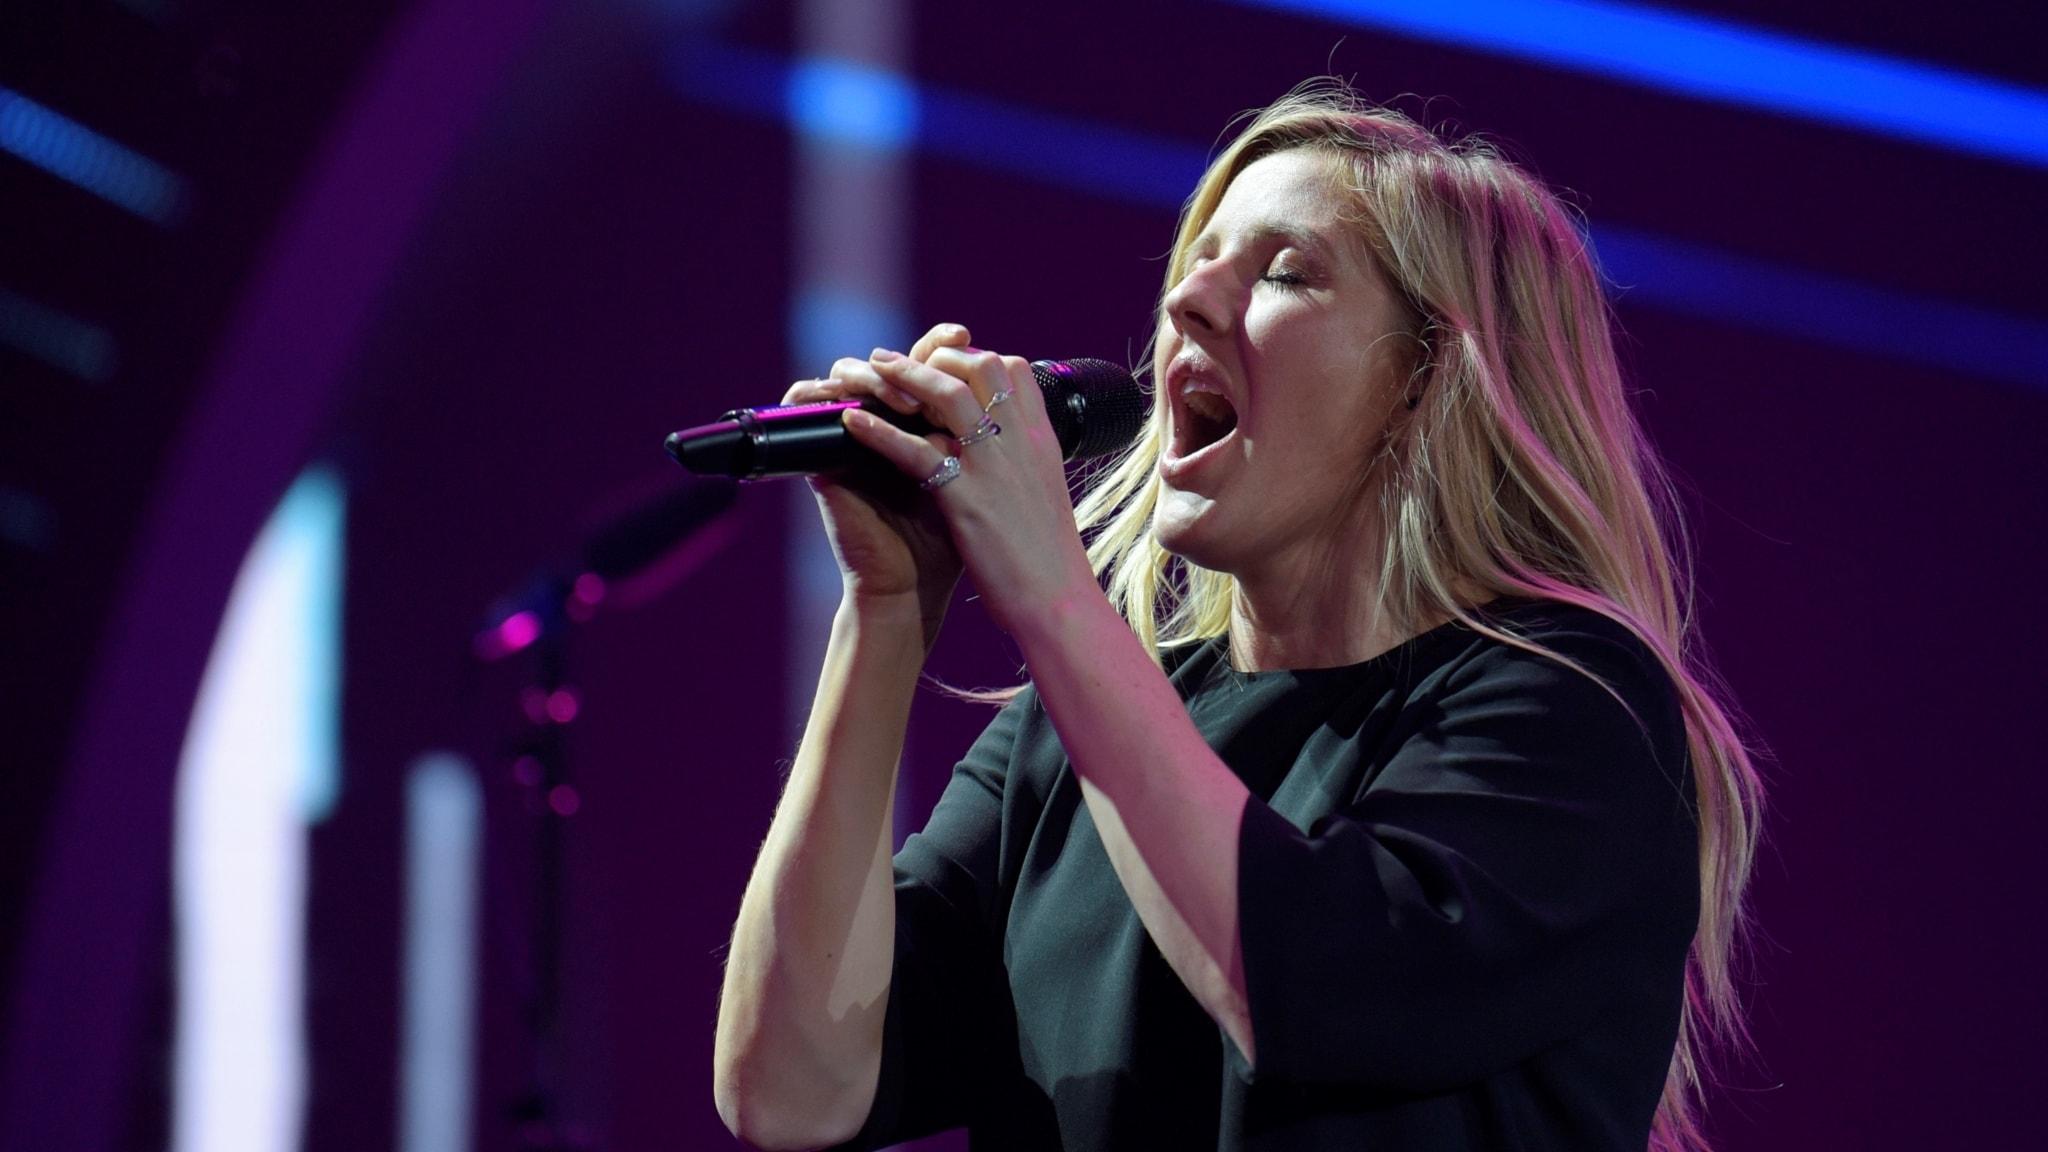 P4 Live med Ellie Goulding